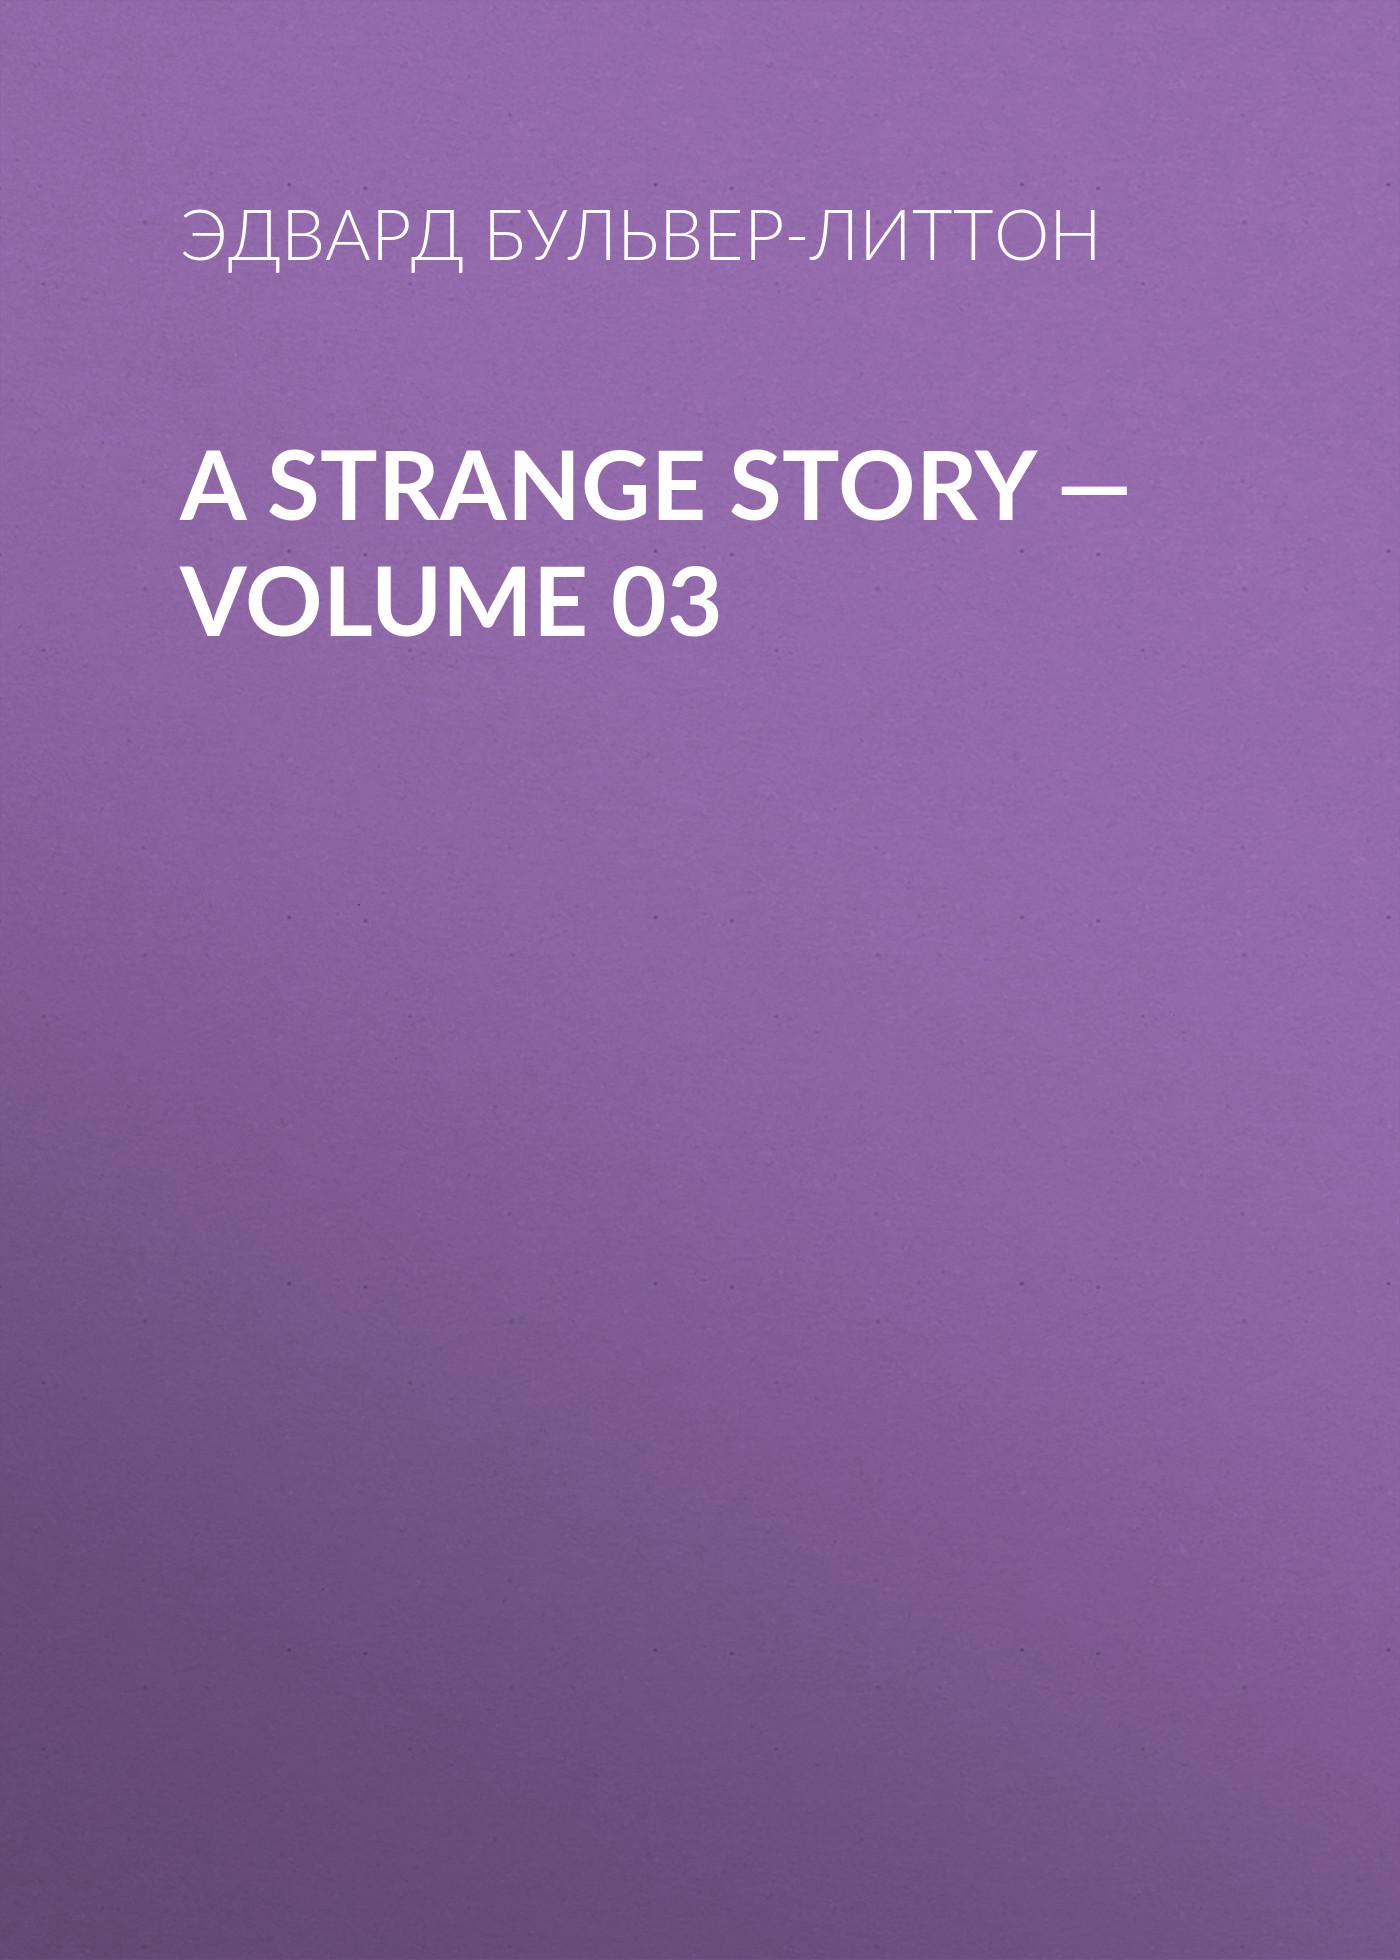 Эдвард Бульвер-Литтон A Strange Story — Volume 03 эдвард бульвер литтон godolphin volume 2